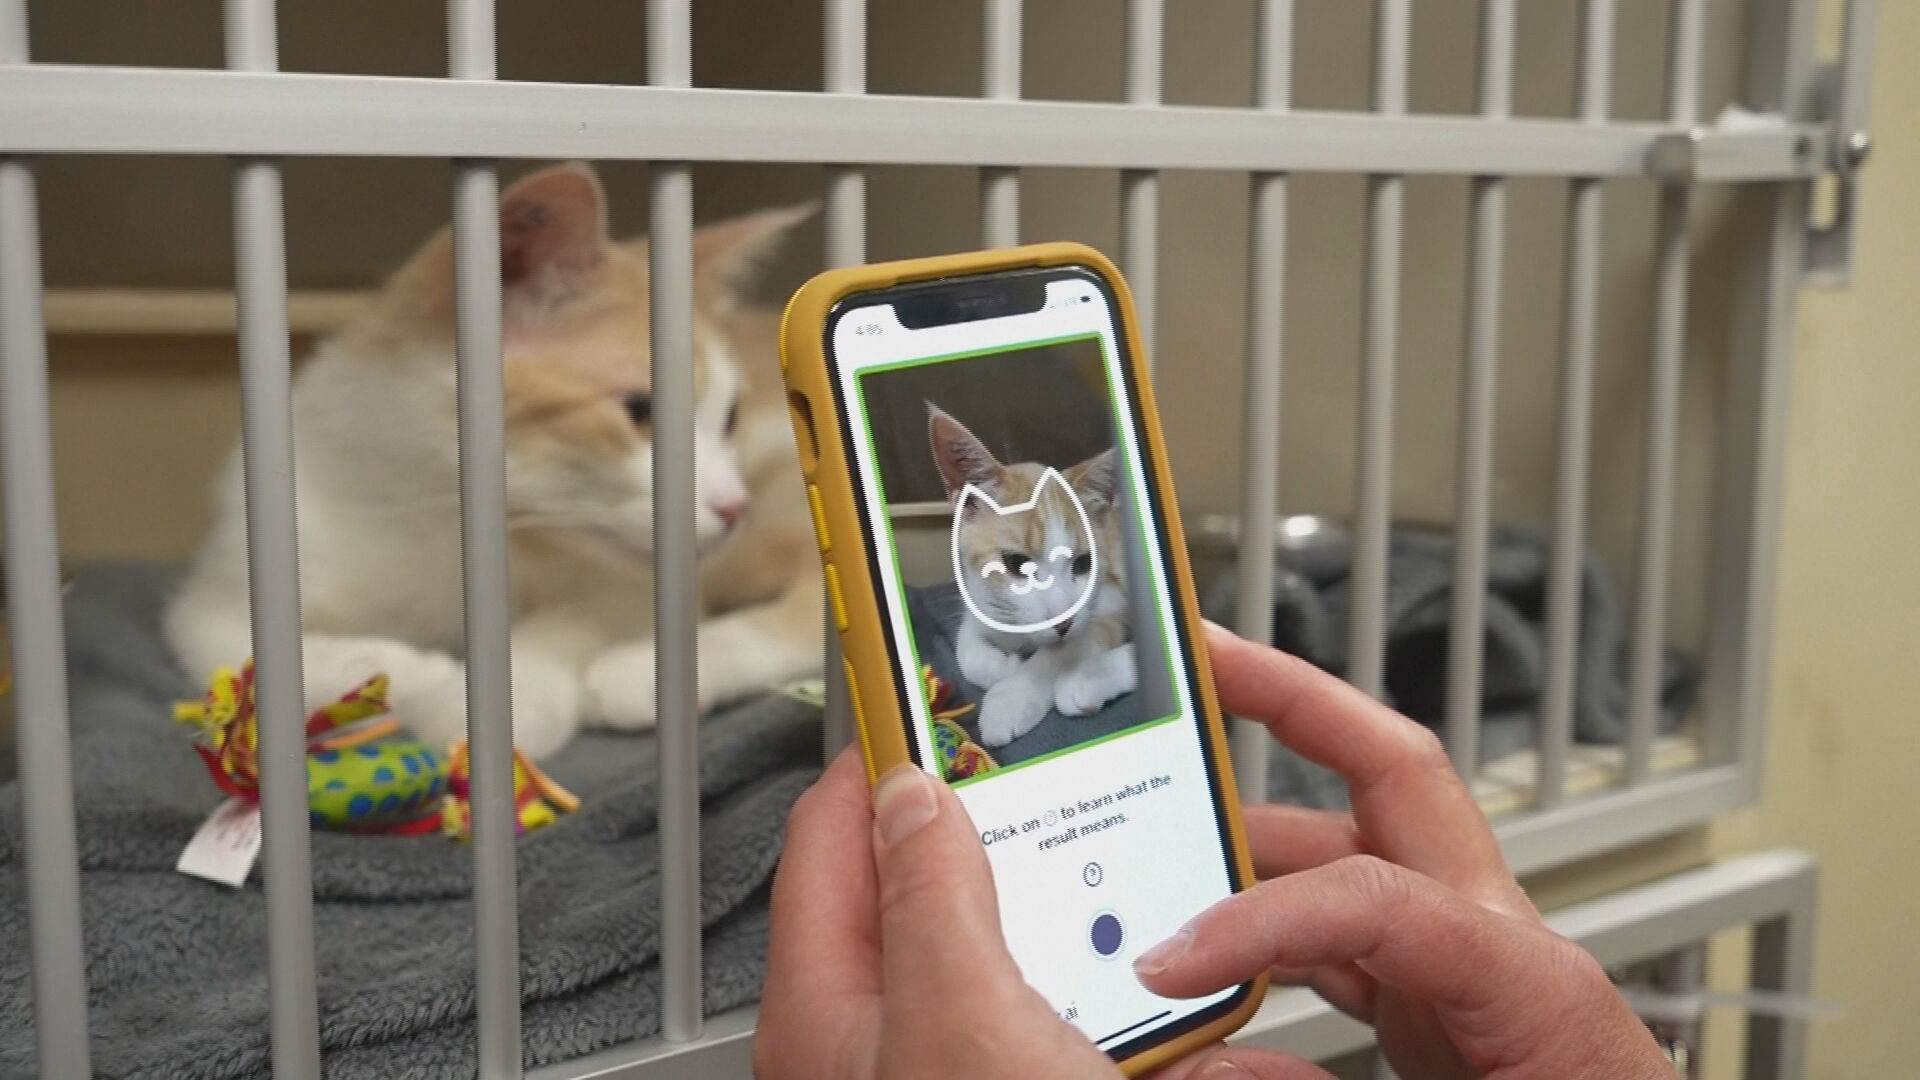 App canadense promete desvendar as emoções dos gatos direto da câmera do celular